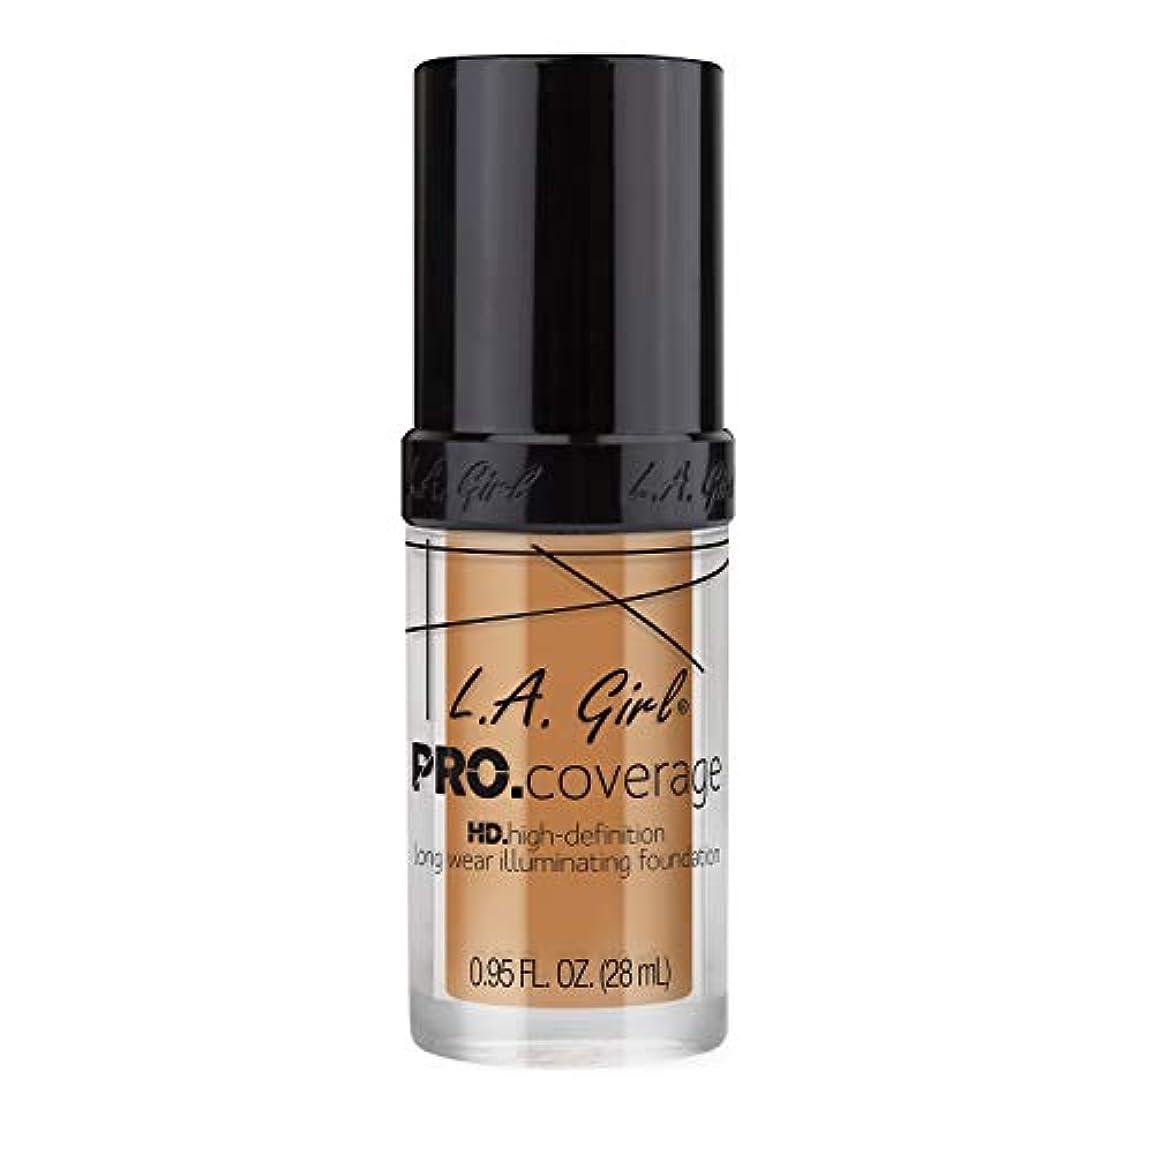 ストリームニックネーム契約した海外直送品 L.A. Girl Pro Coverage Liquid Foundation 28ml, Nude Beige